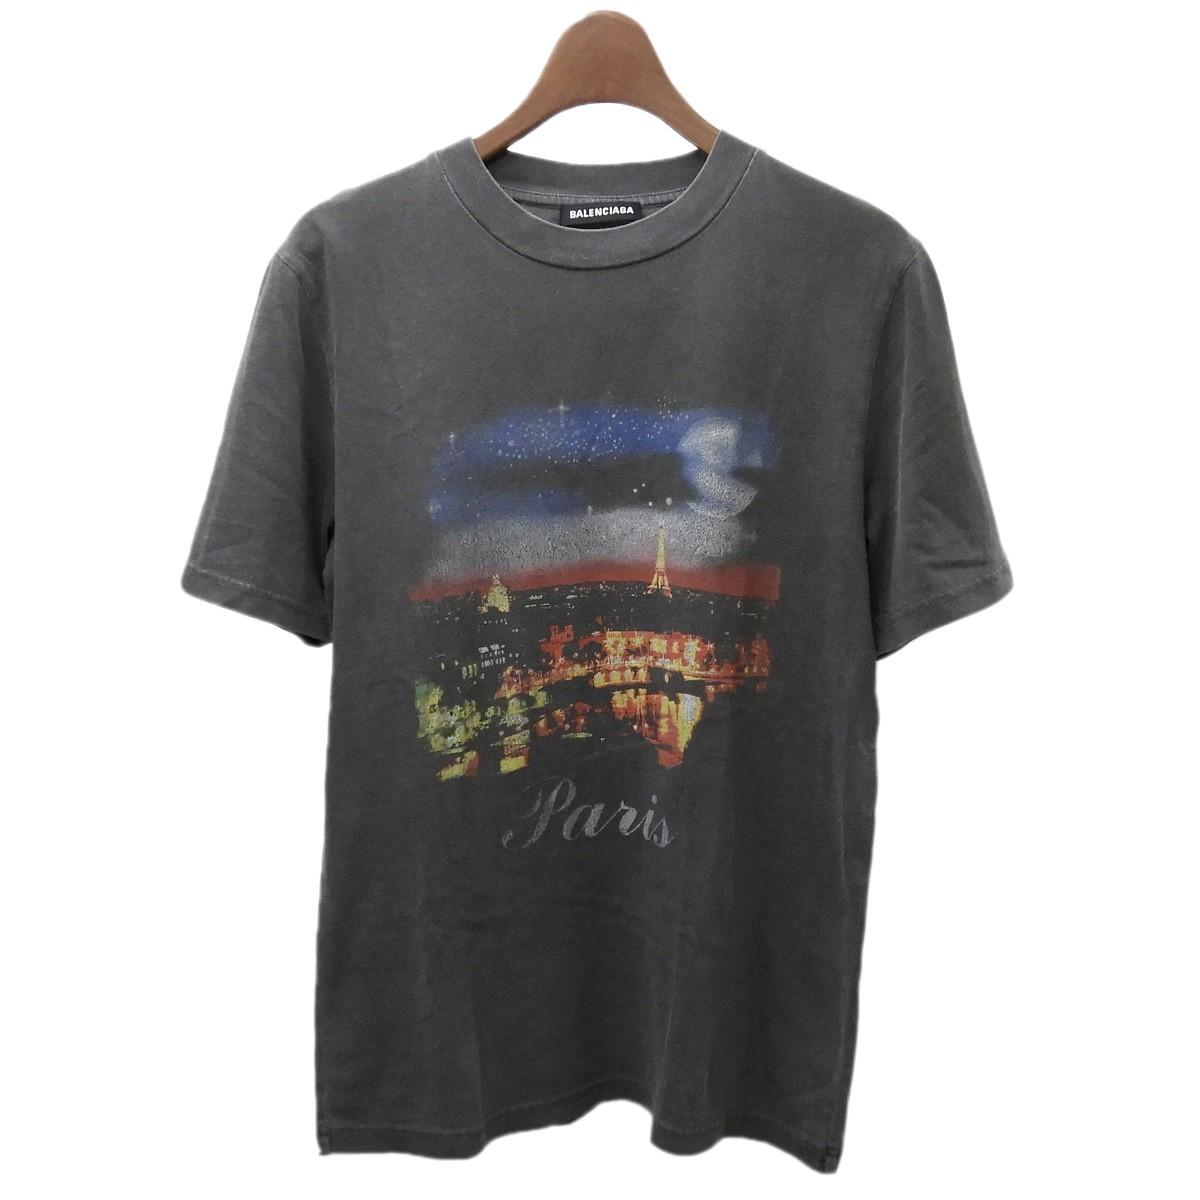 【中古】BALENCIAGA ヴィンテージ加工PARISプリントTシャツ グレー サイズ:XXS 【060620】(バレンシアガ)